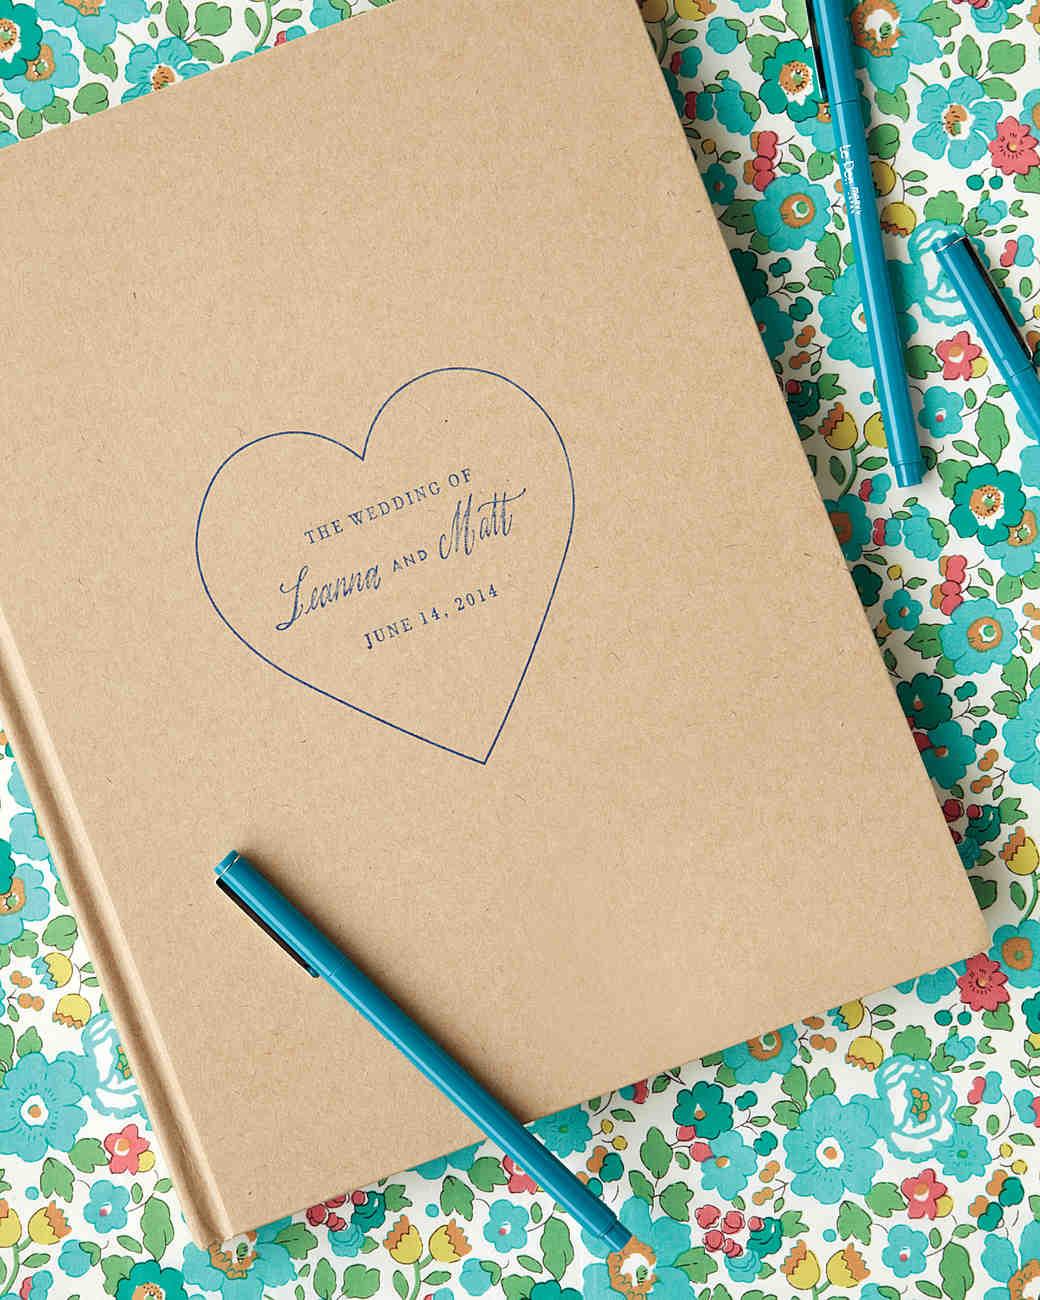 leanna-matt-wedding-guest-book-0026-s111371.jpg